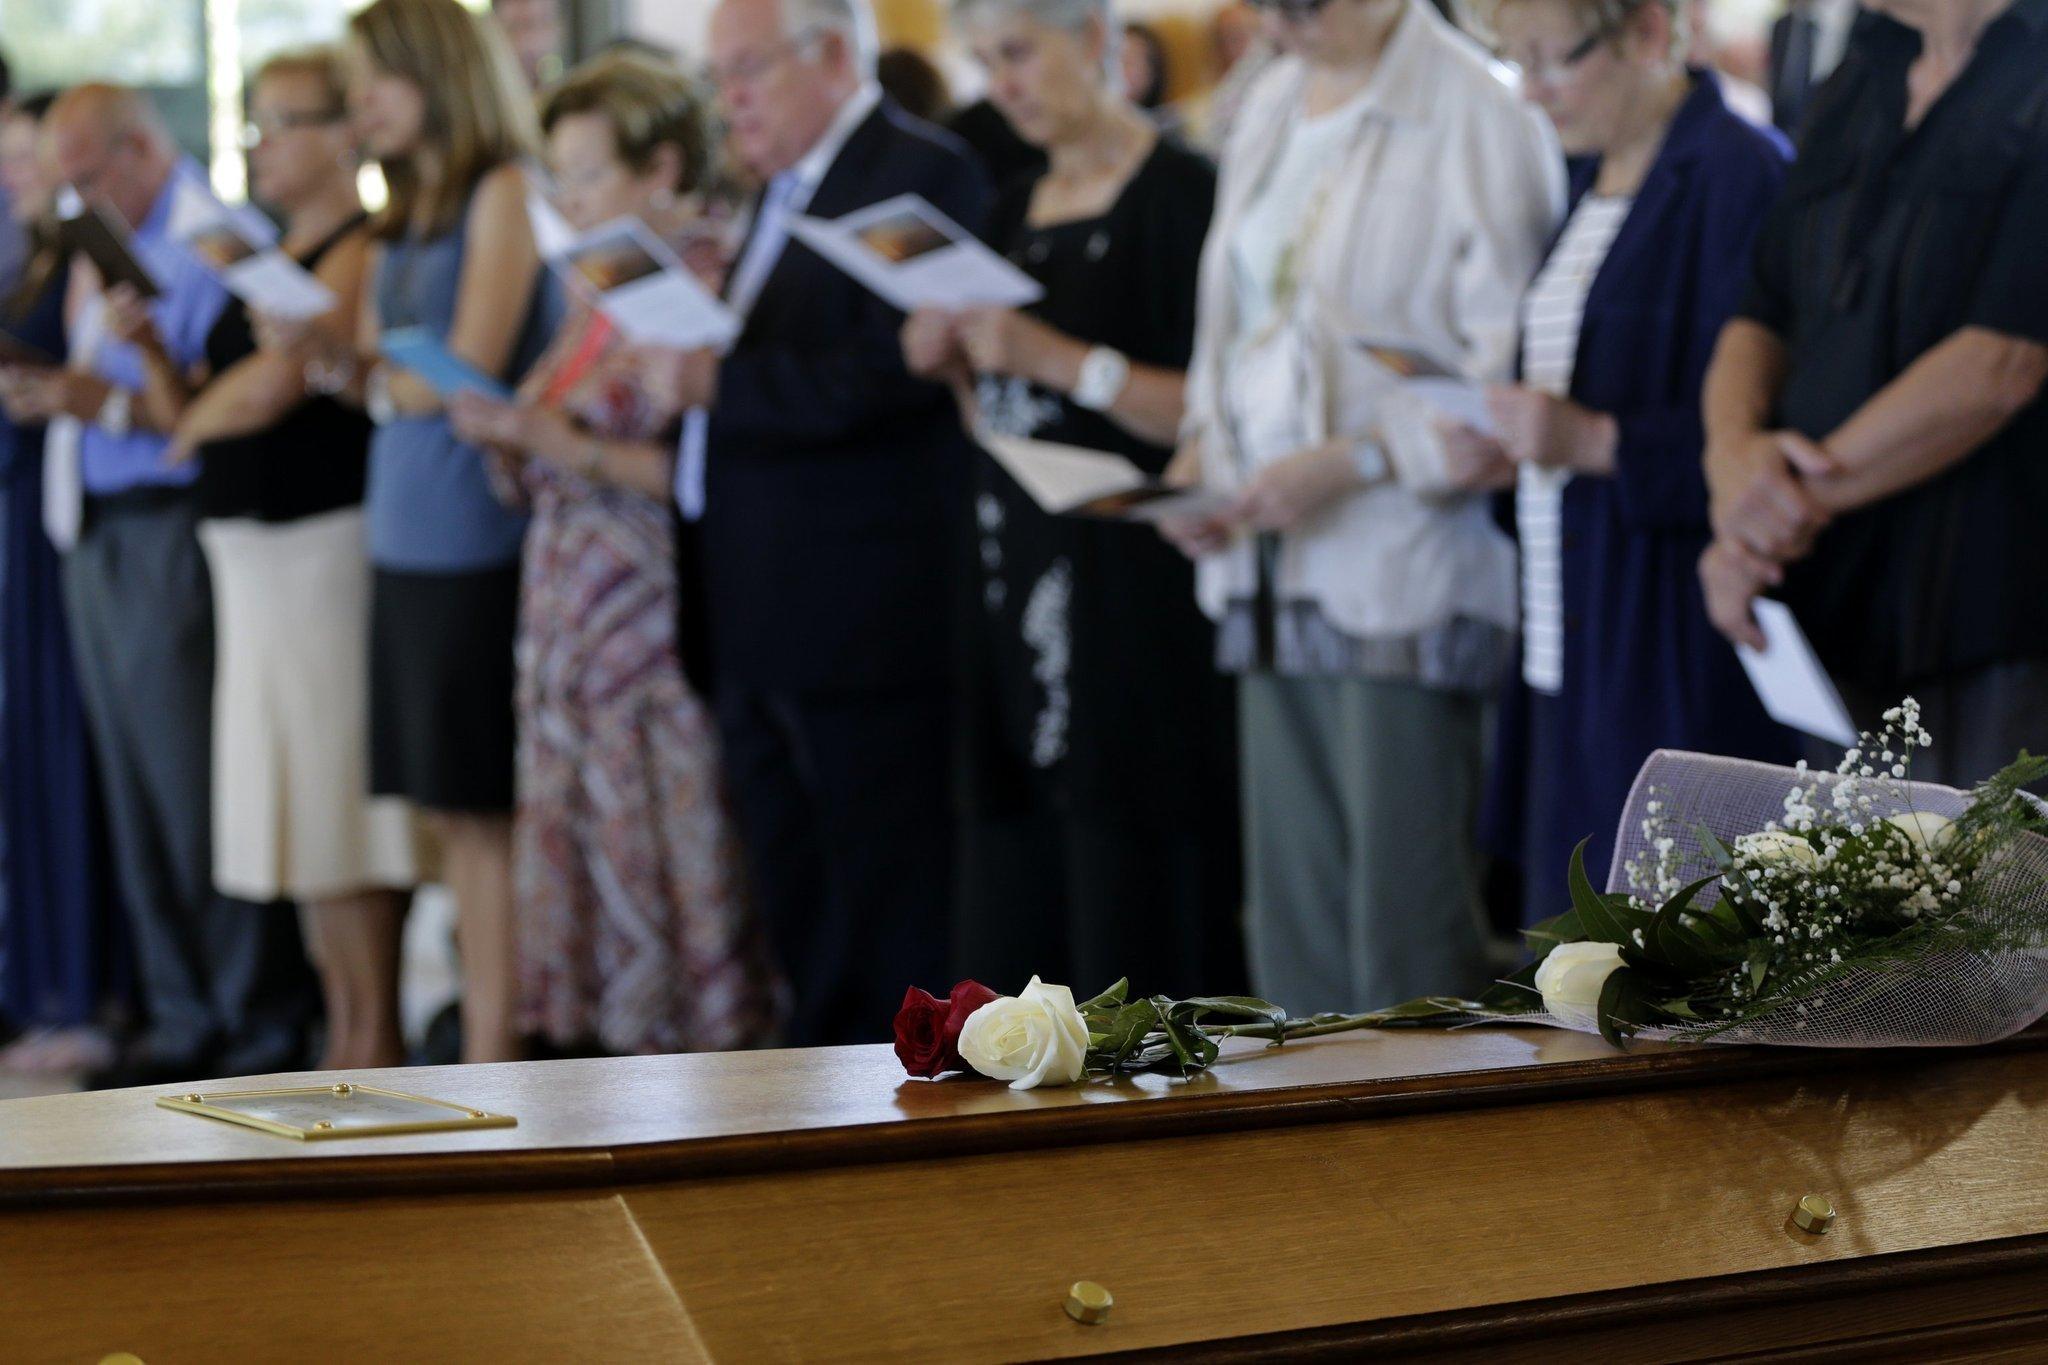 Spain tears in barcelona at funeral for germanwings victim the spain tears in barcelona at funeral for germanwings victim the san diego union tribune izmirmasajfo